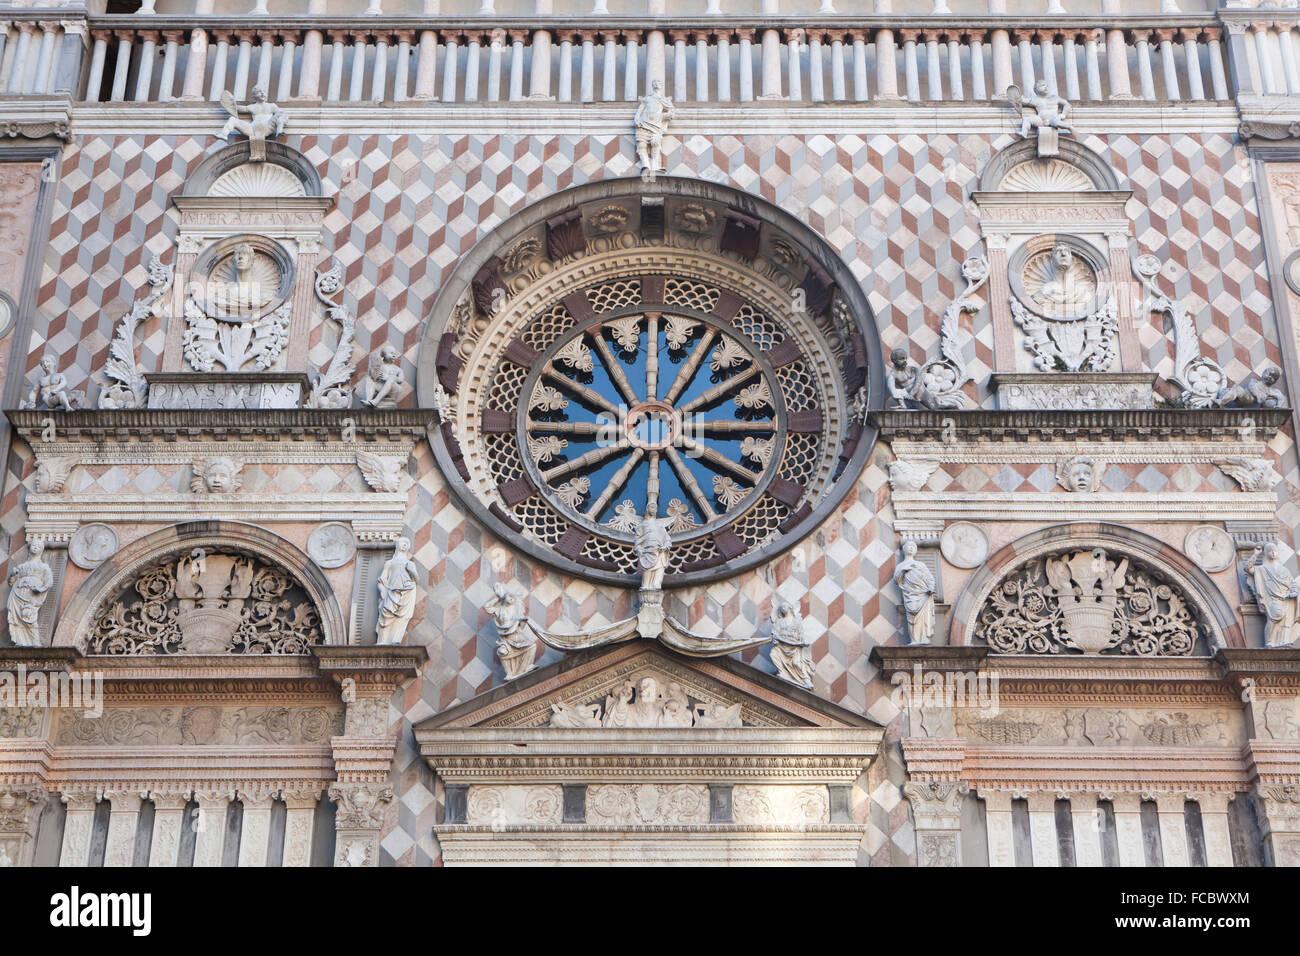 Cappella Colleoni italienischen Renaissance Architekten Giovanni Antonio Amadeo in Bergamo, Lombardei, Italien. Stockbild